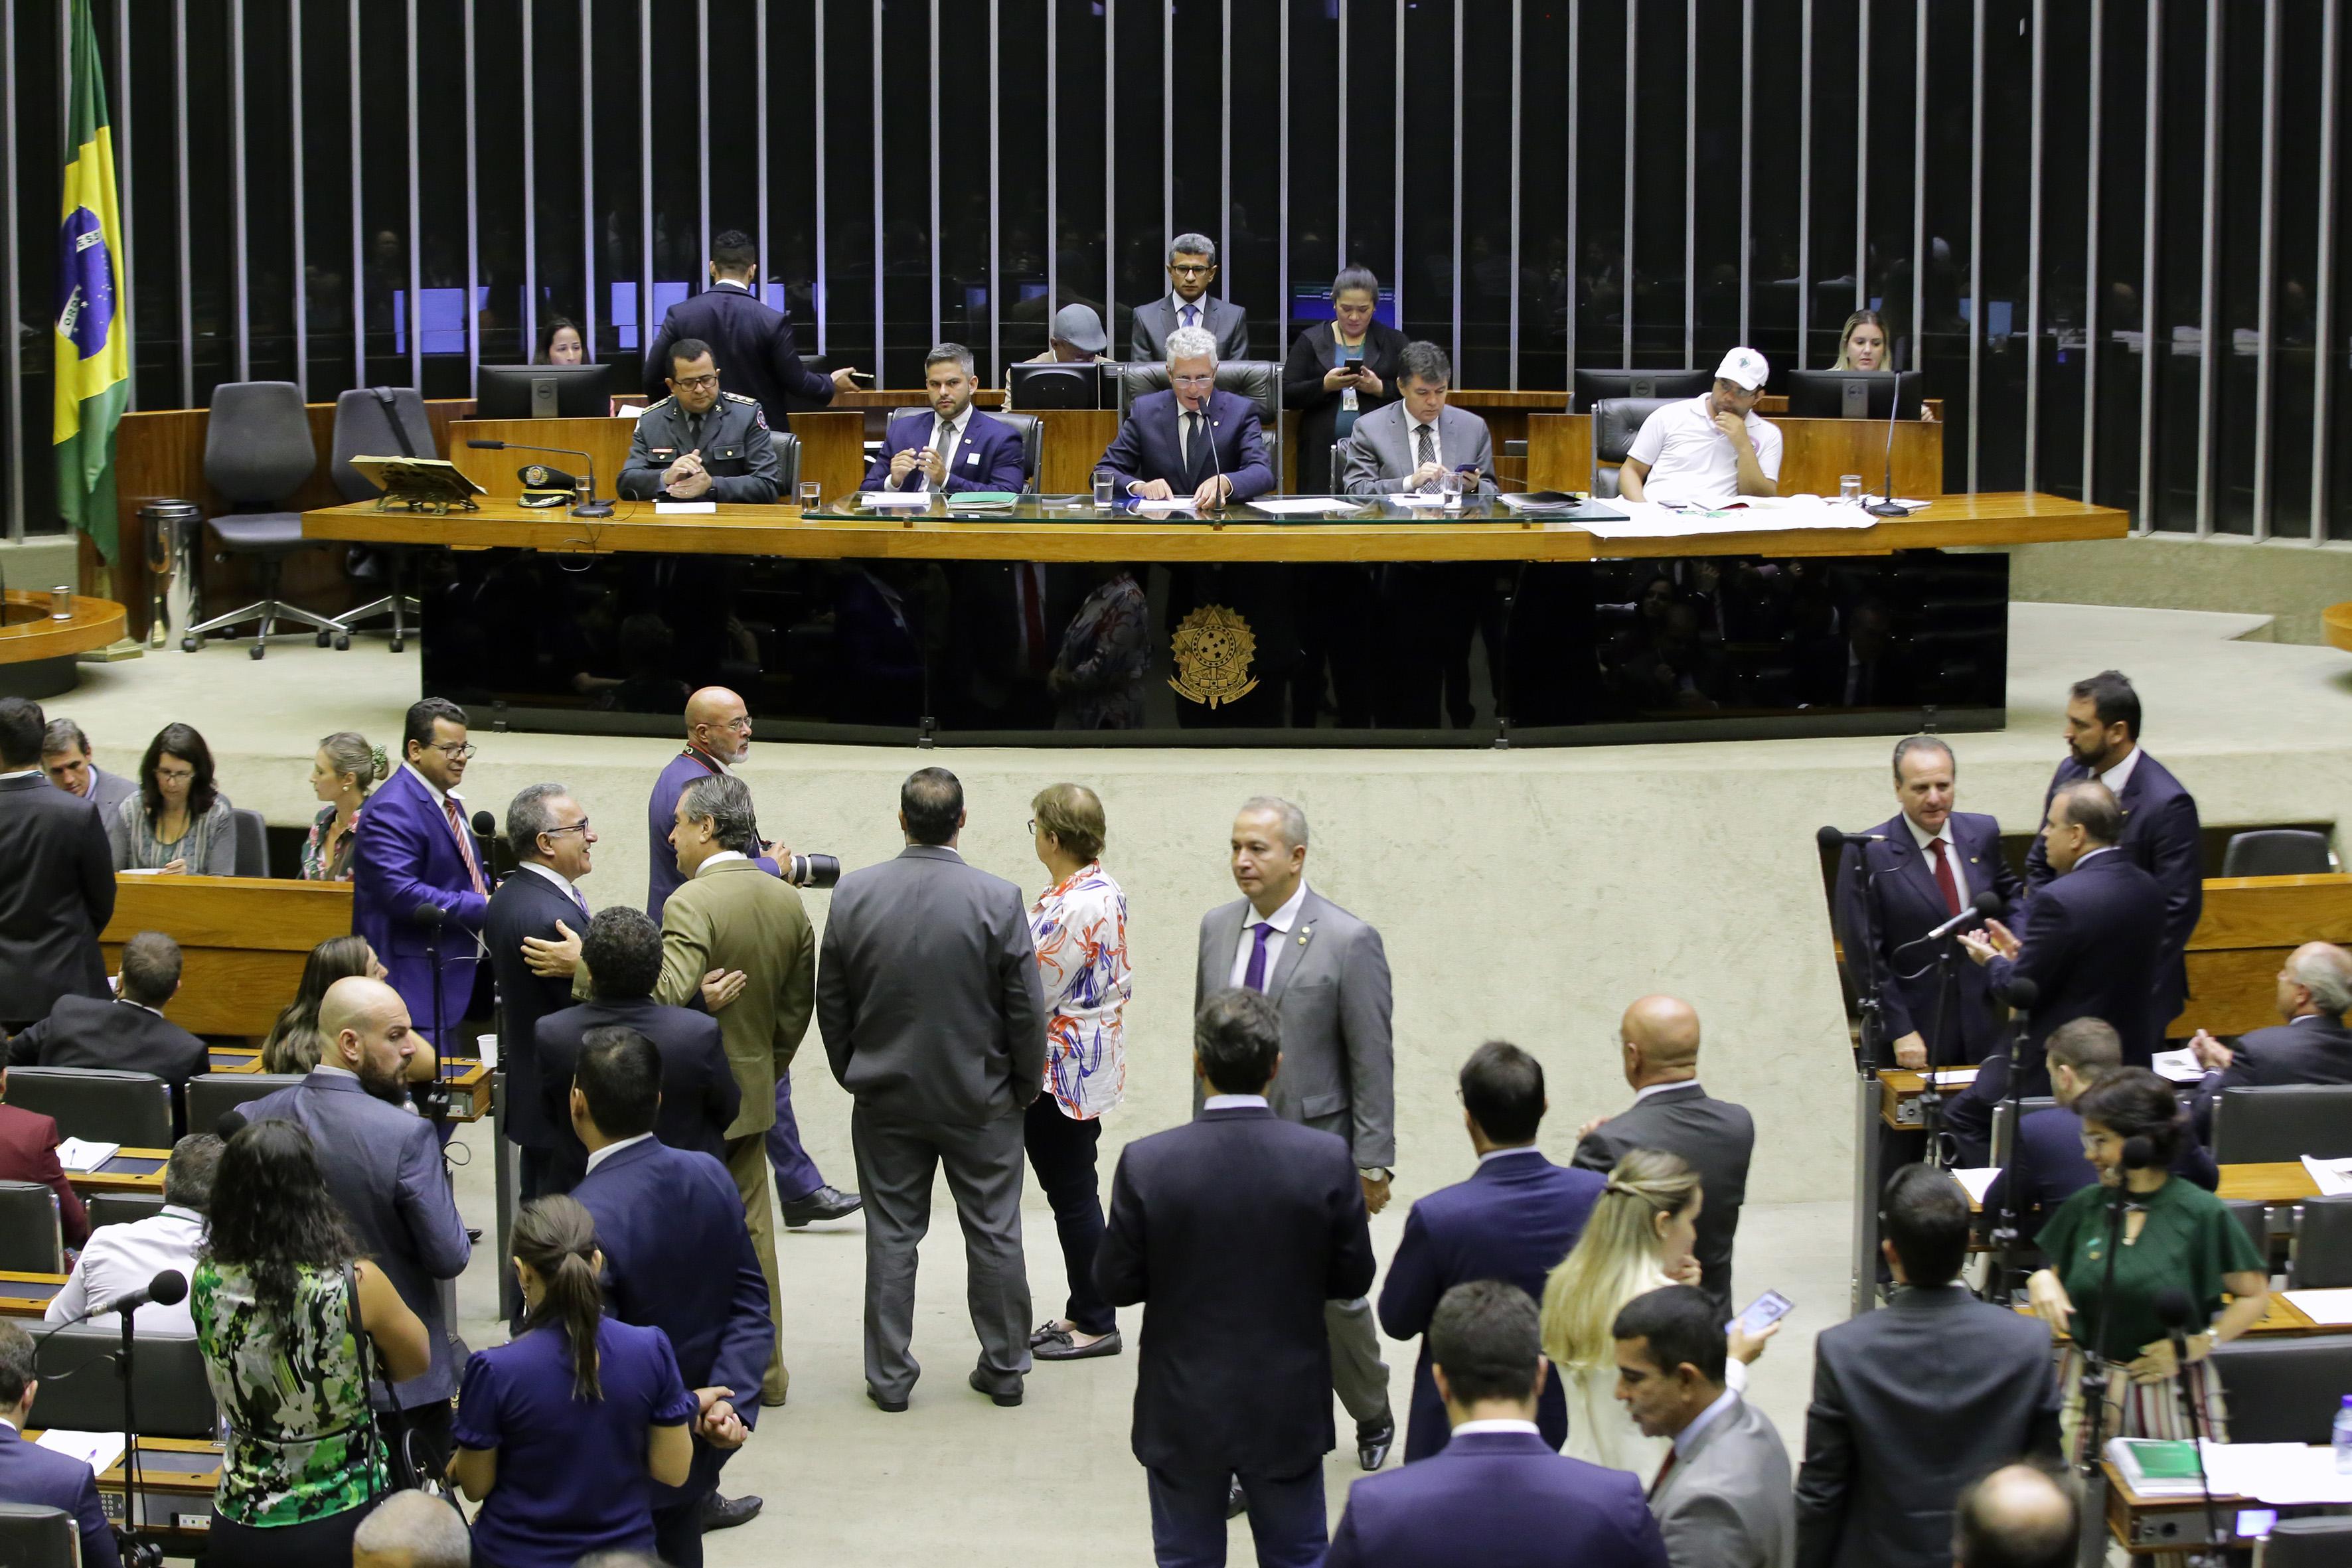 Comissão geral para discutir sobre as circunstâncias e responsabilidades do rompimento da barragem da Mina do Córrego do Feijó, em Brumadinho, MG